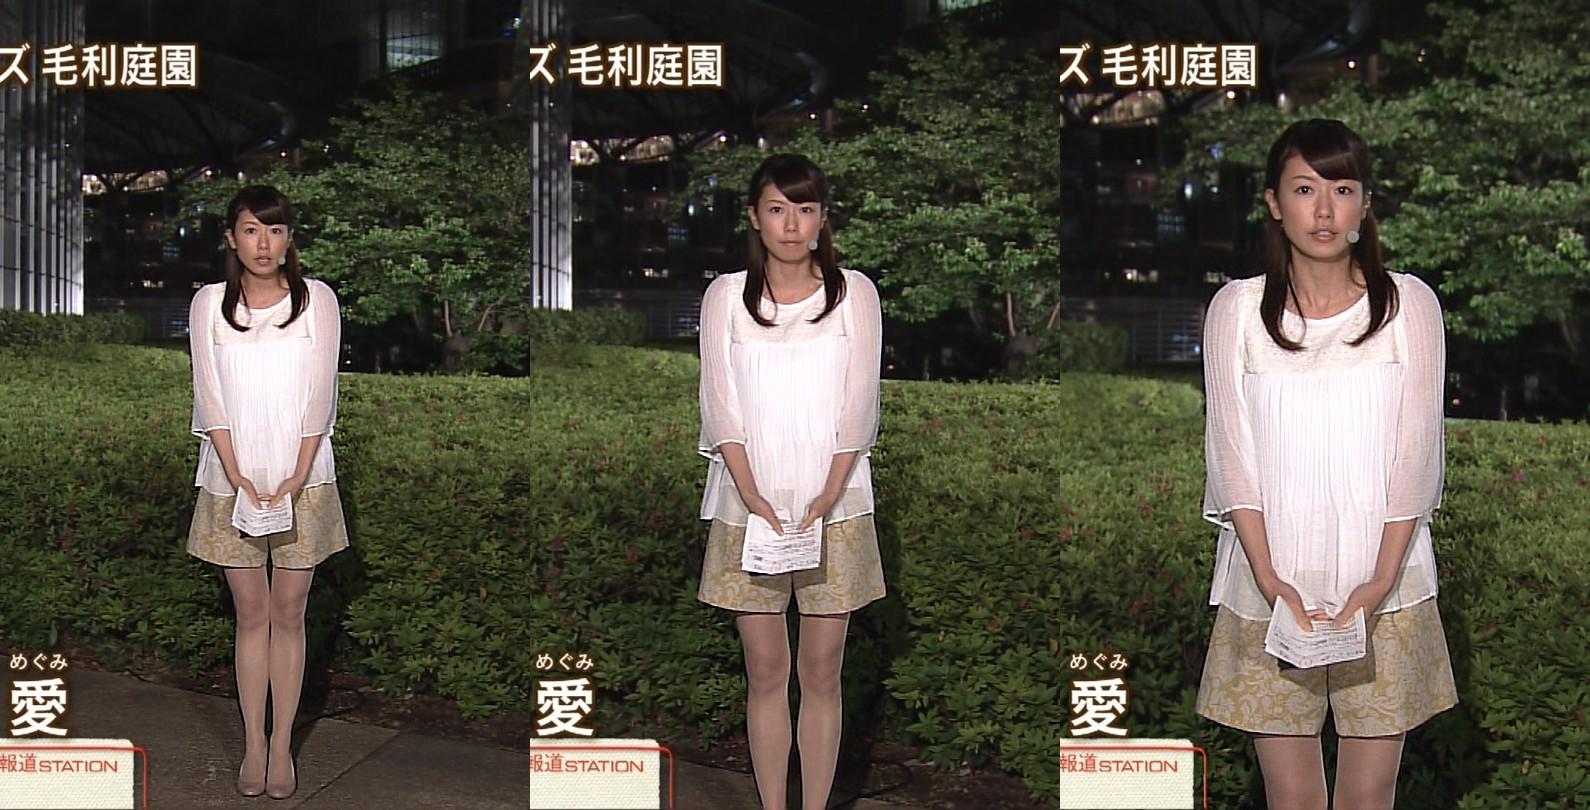 【テレ朝】青山愛 Part10【報ステスポーツ】 [転載禁止]©2ch.netYouTube動画>1本 ->画像>461枚